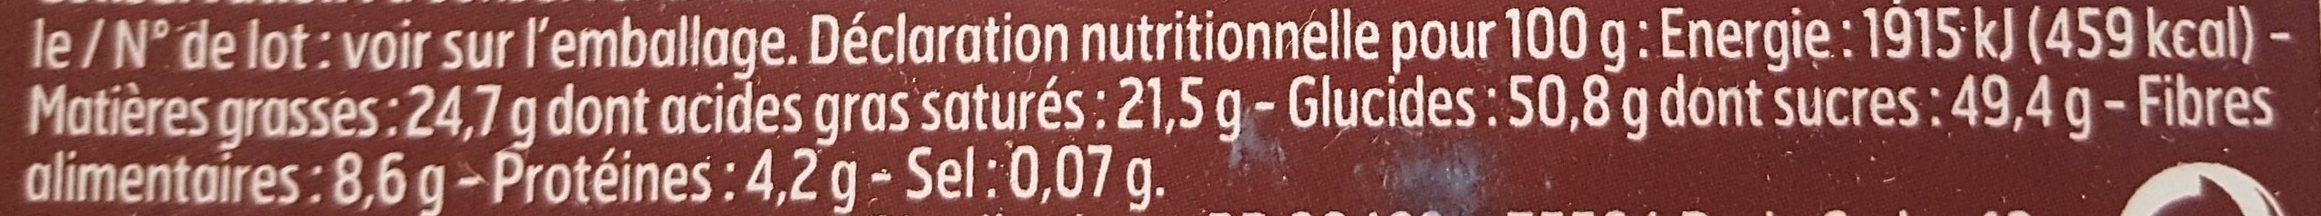 Rochers Coco au Chocolat - Informations nutritionnelles - fr